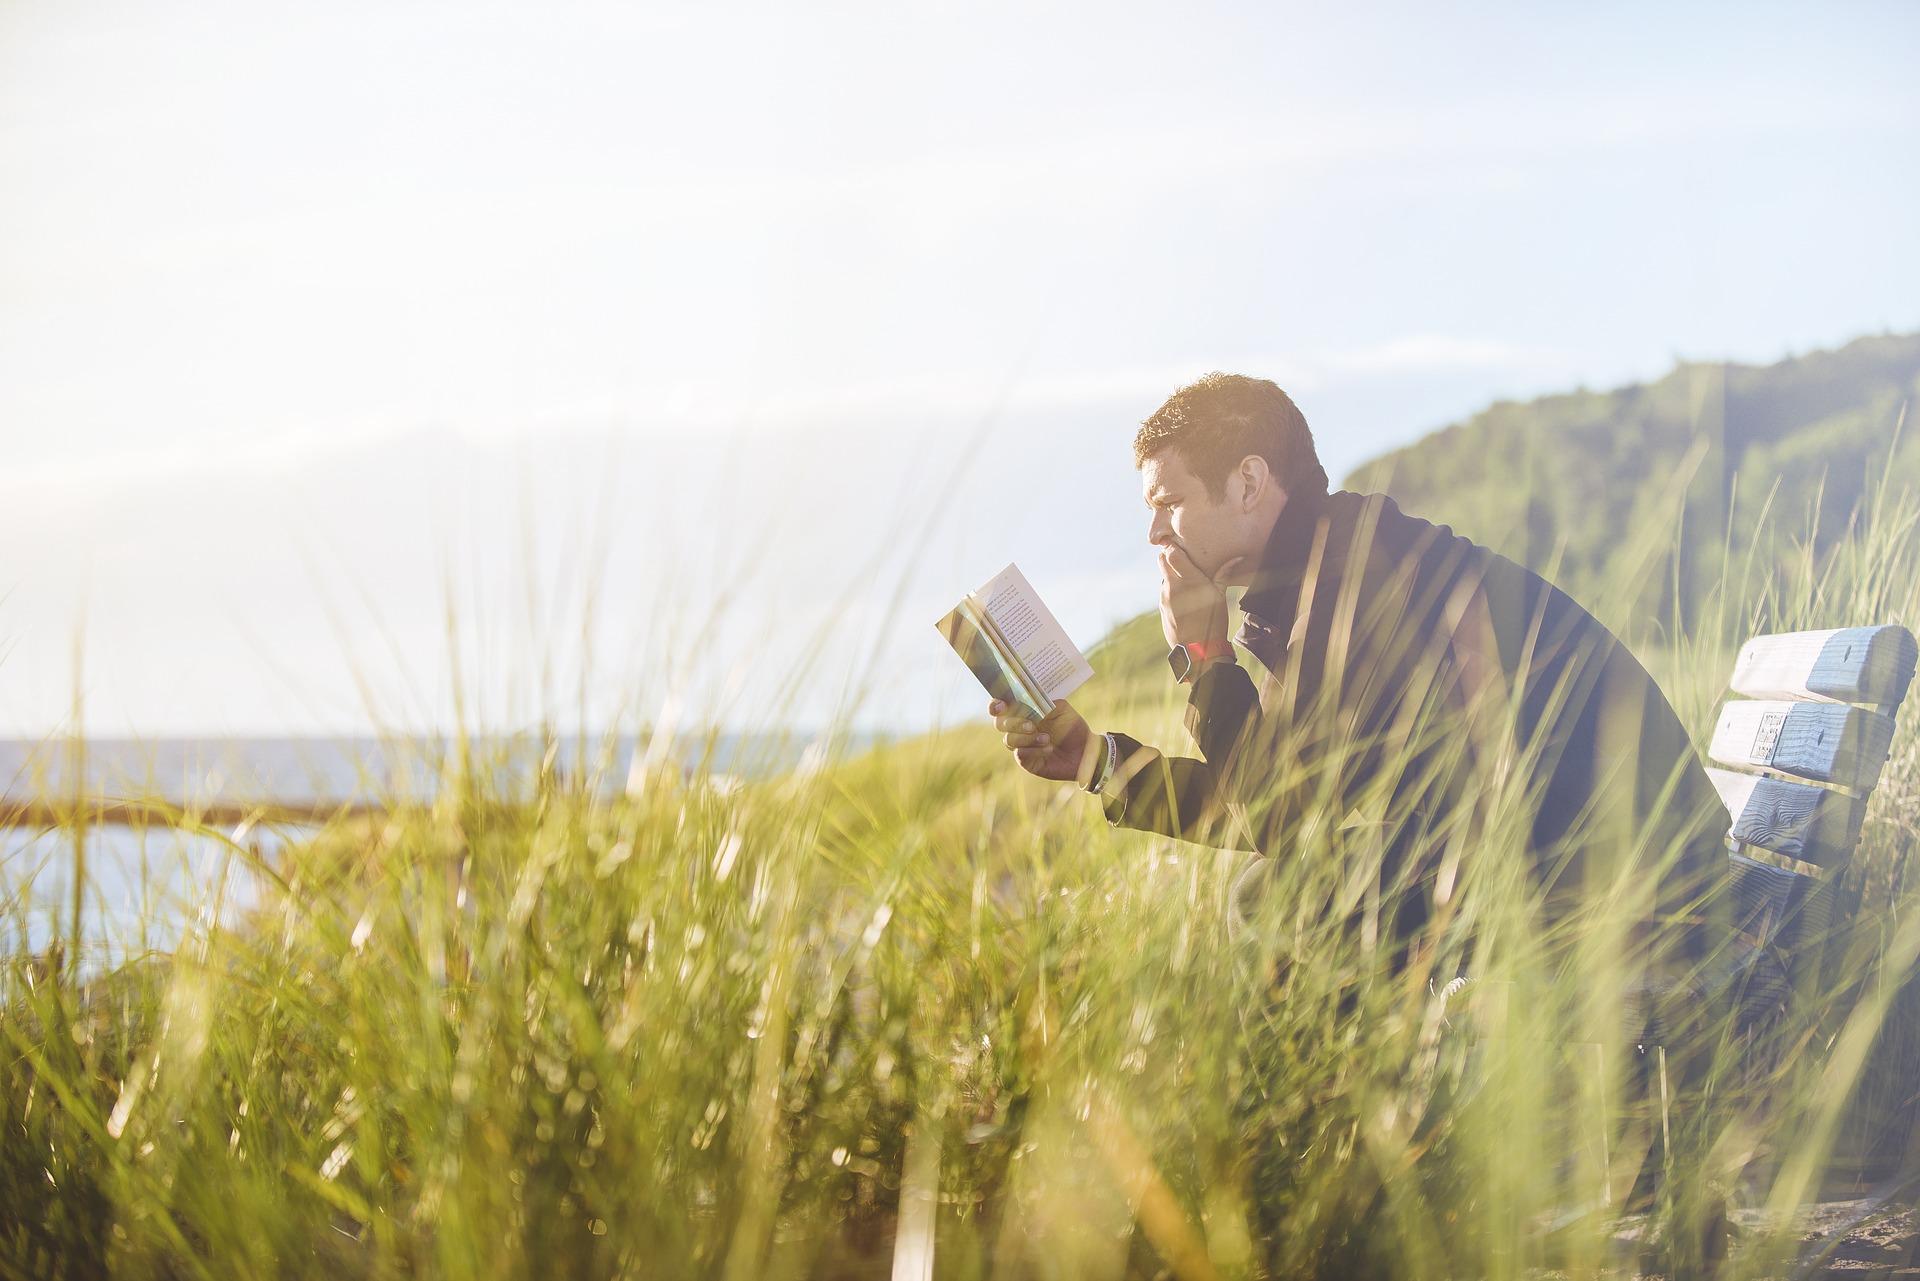 外国人男性が読書をしている画像